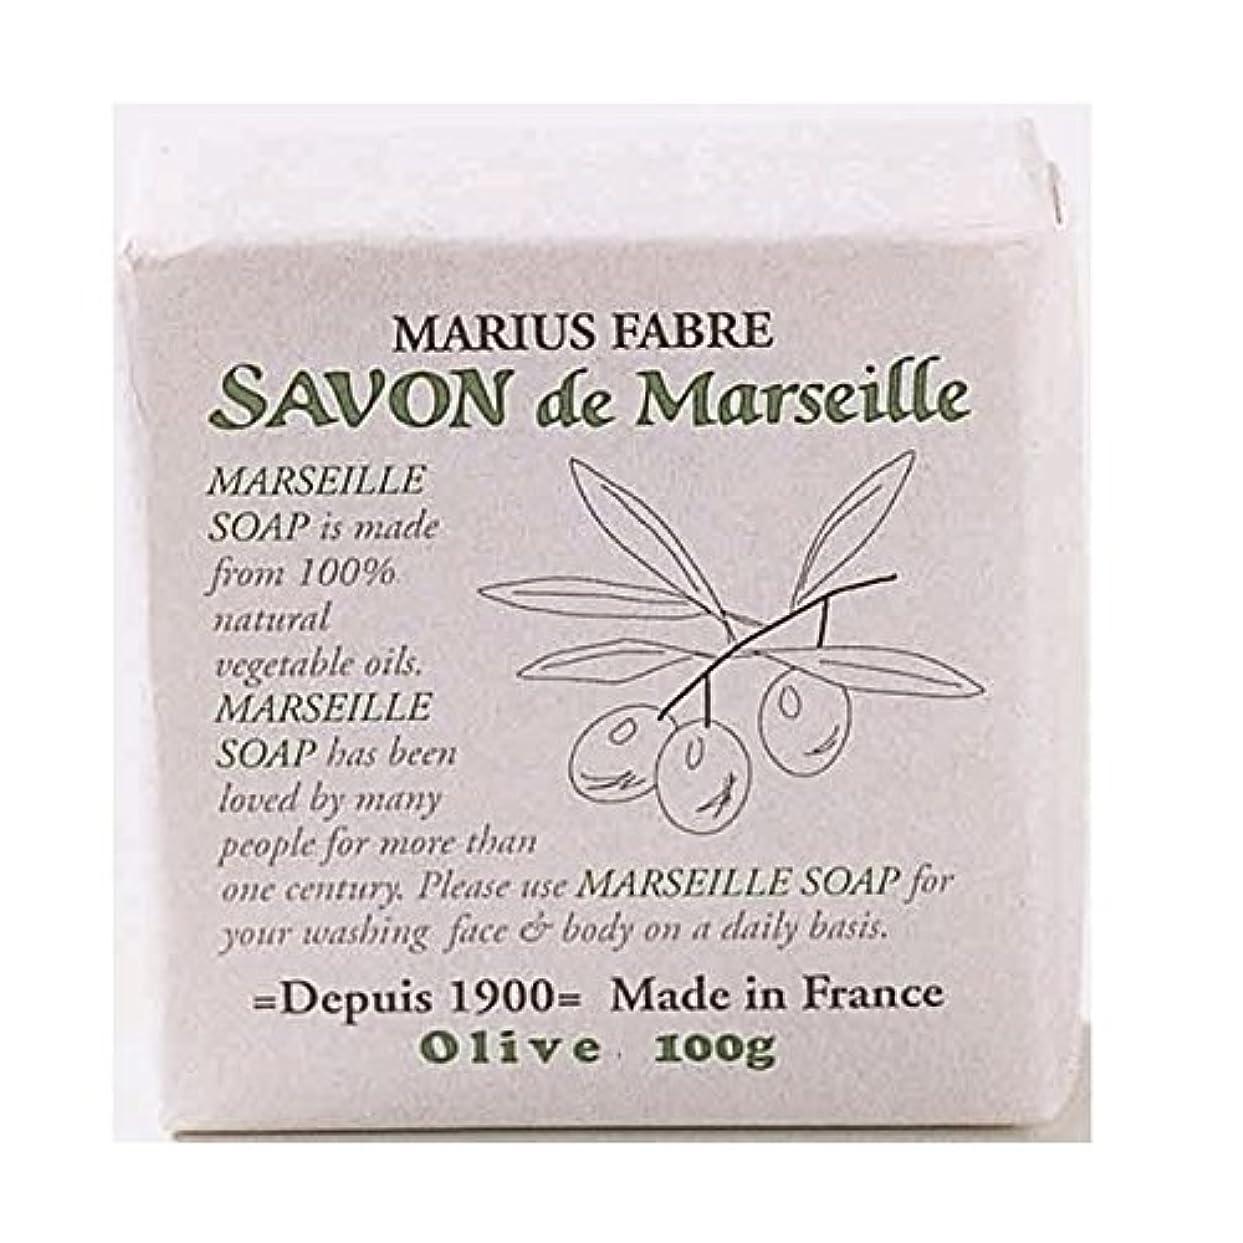 冷笑する麻酔薬くしゃみサボンドマルセイユ 無香料 オリーブ石鹸 100g 6個セット マリウスファーブル